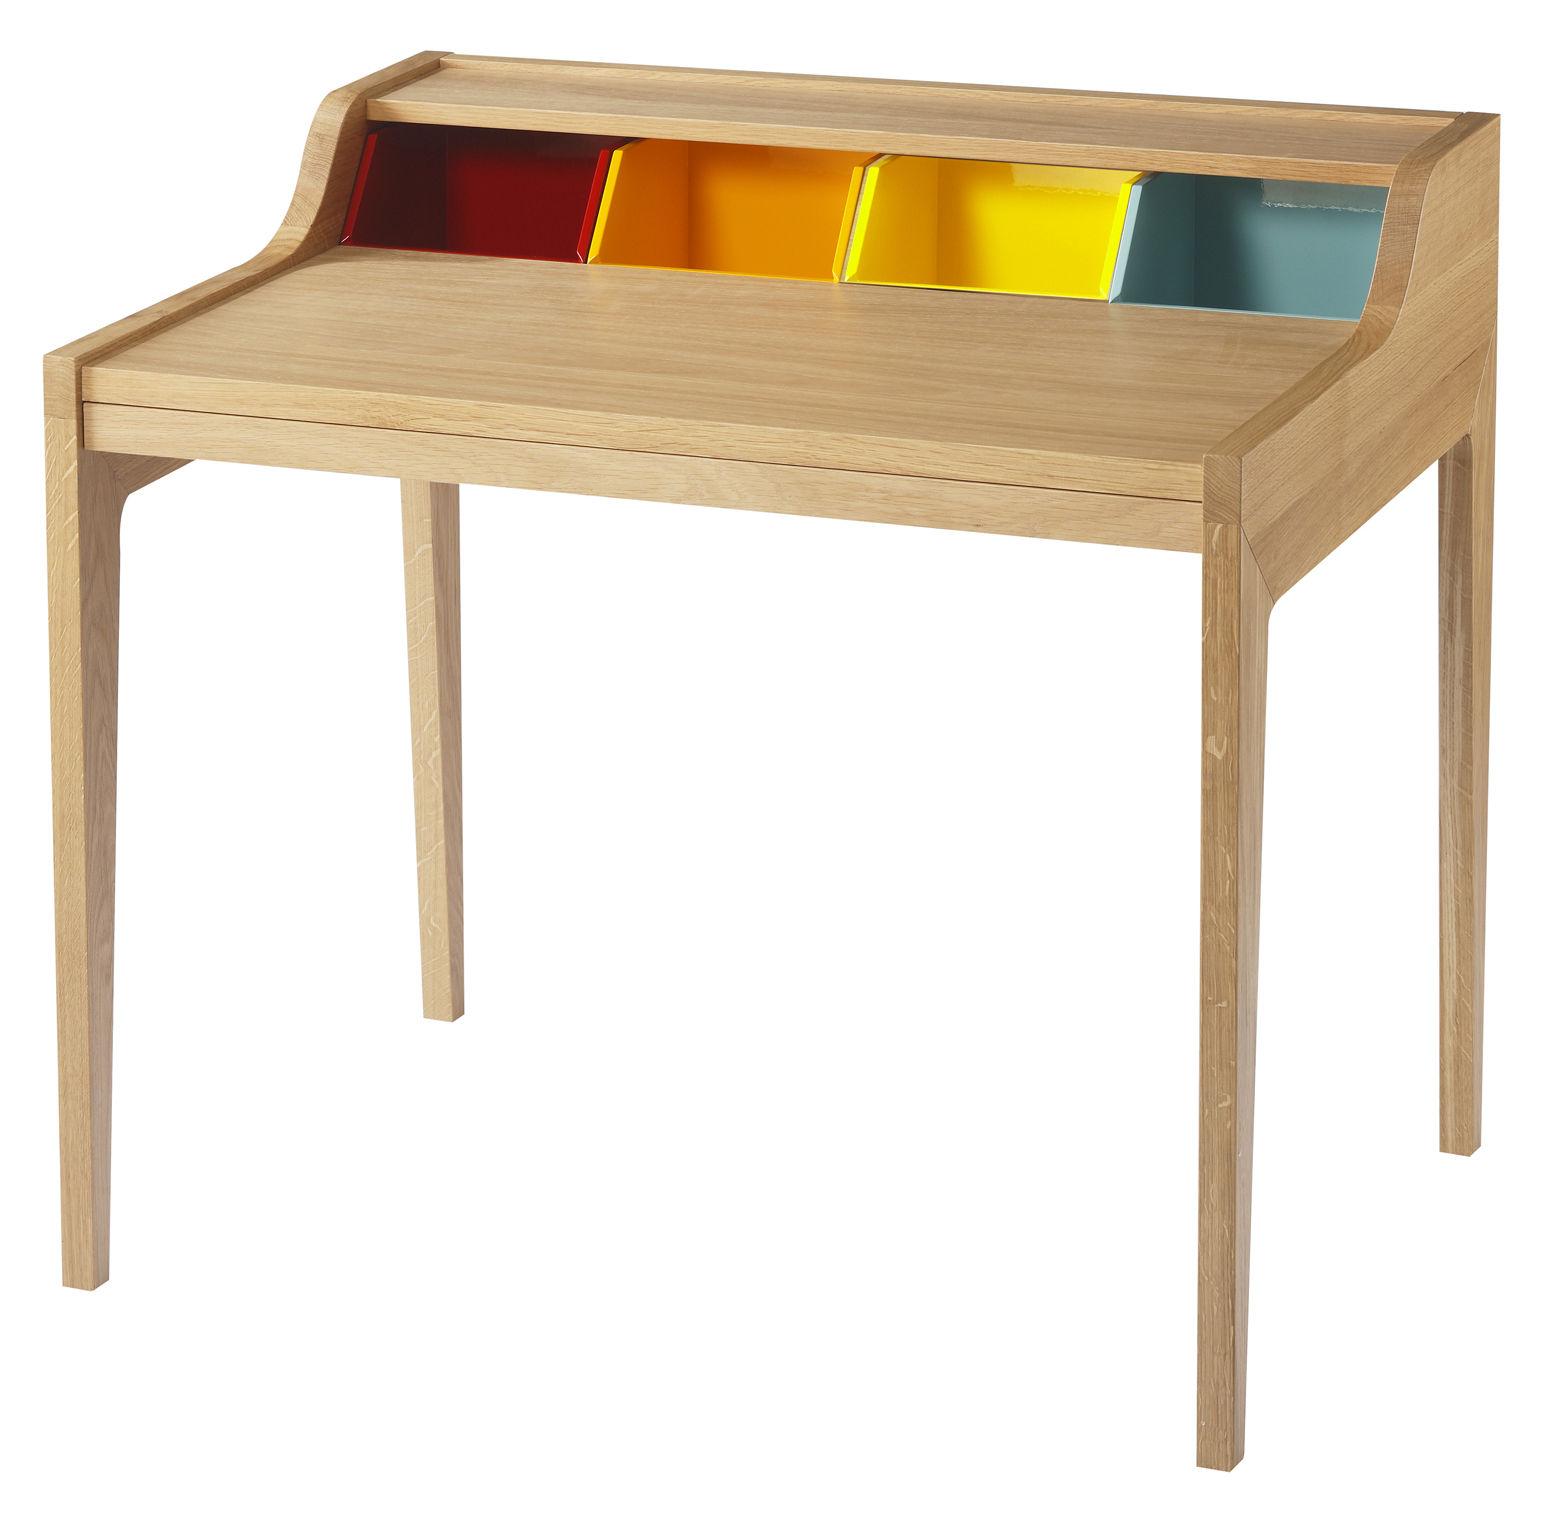 bureau remix ch ne compartiments multicolores hansen family pour sentou edition. Black Bedroom Furniture Sets. Home Design Ideas